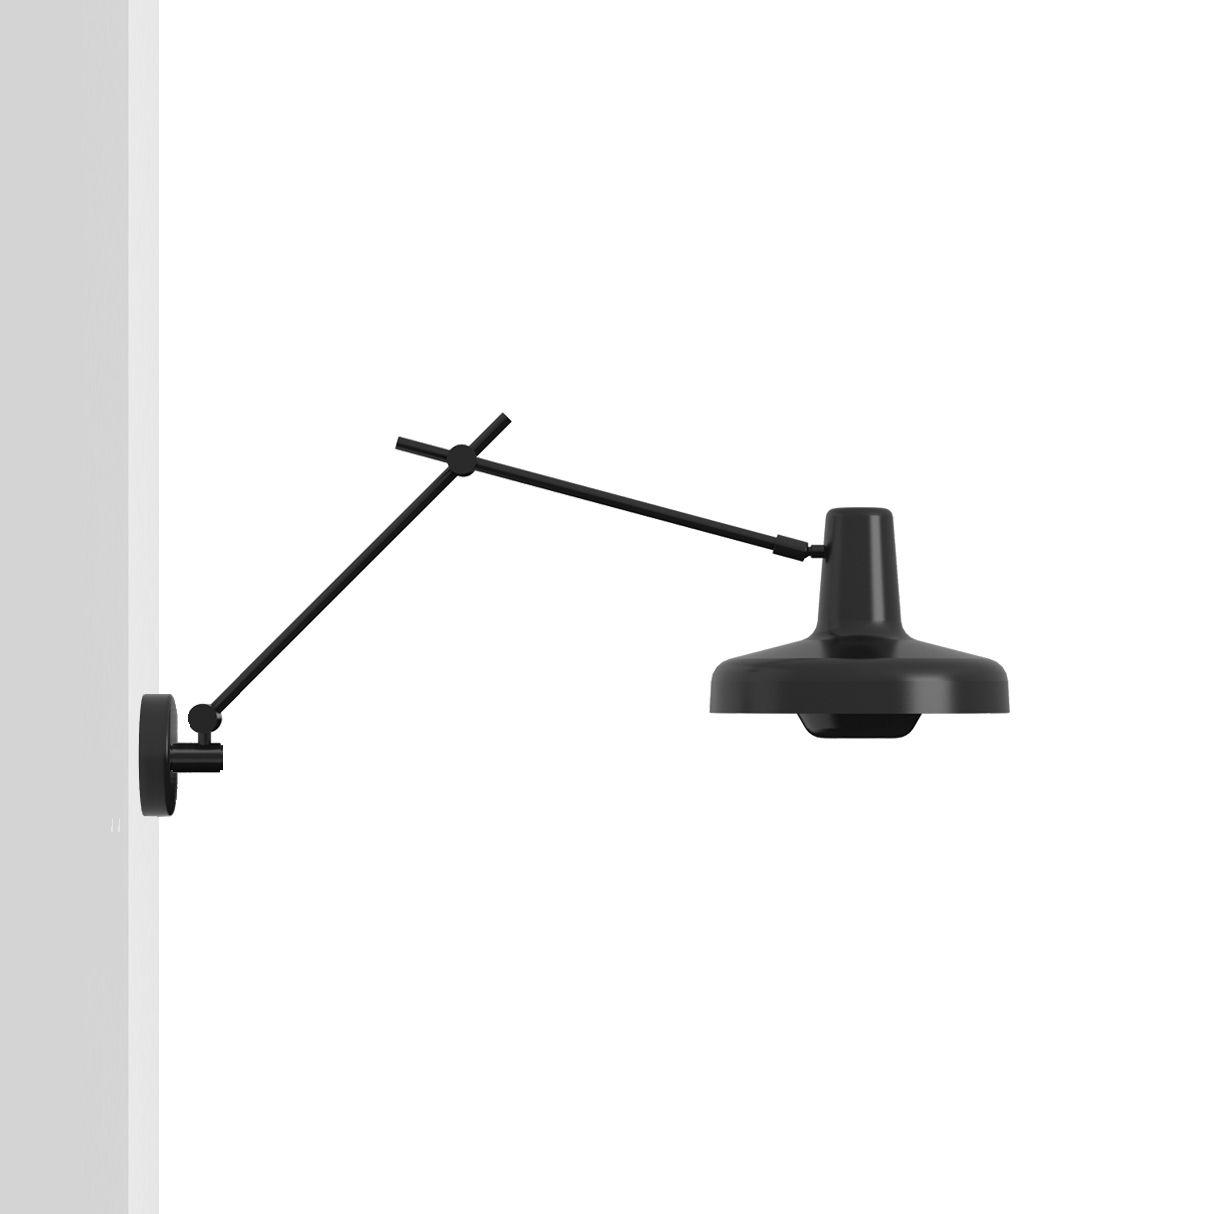 geometryczny kinkiet, czarny mat, ruchome ramię - aranżacja